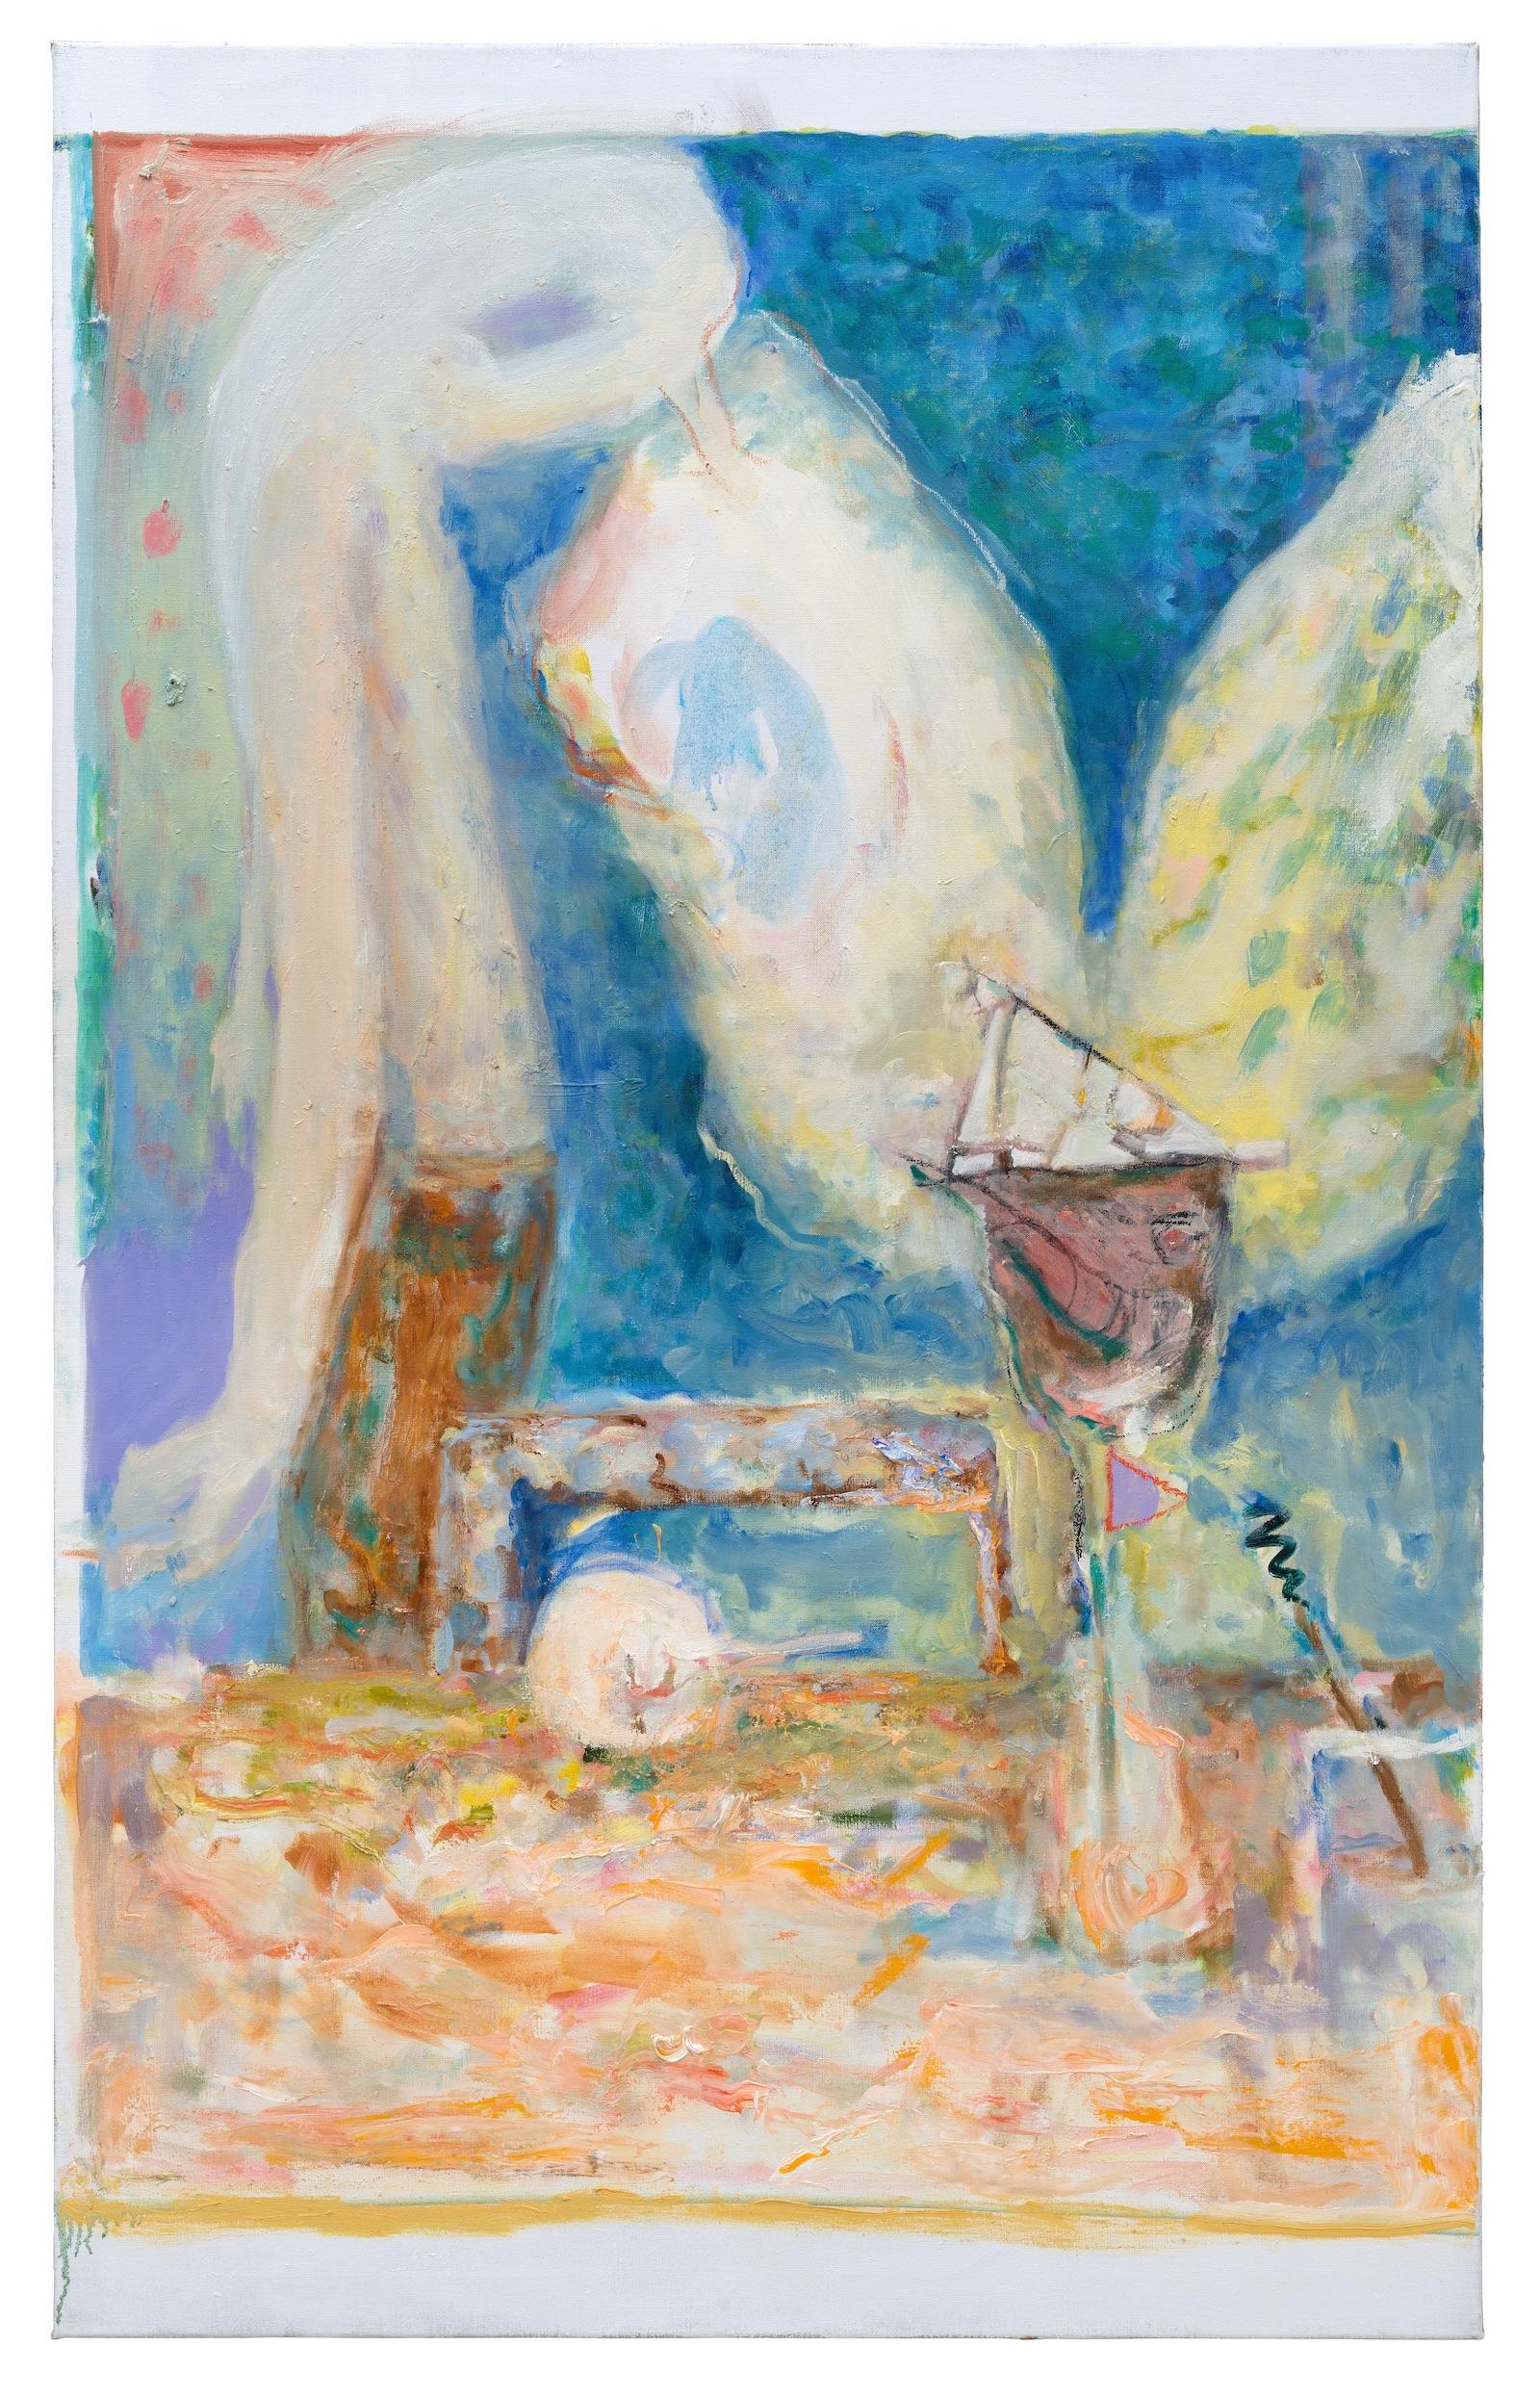 """Am Tisch x 2, jeweils: """"Am Tisch"""", 2018 150 x 90cm Oil on canvas © Valérie Favre & VG Bild-Kunst"""